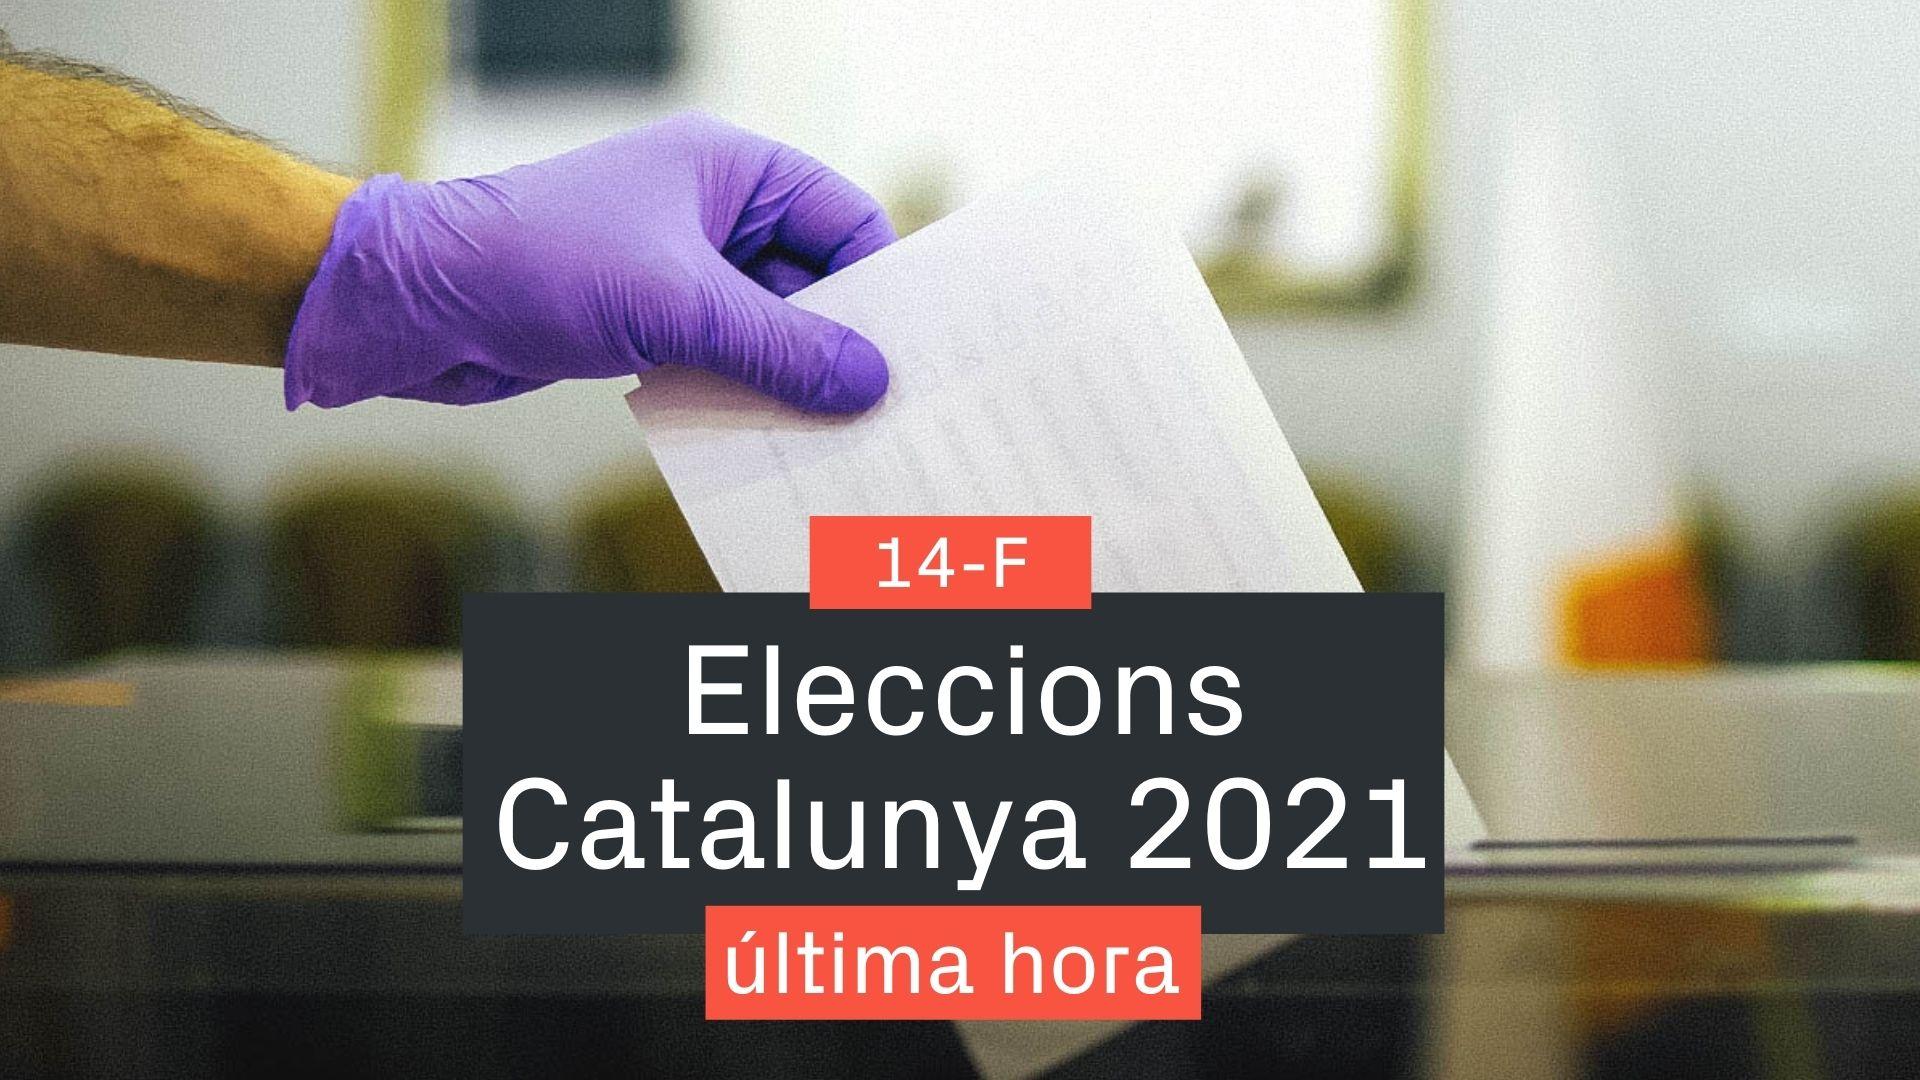 Eleccions Catalunya 2021 última hora 14F directe